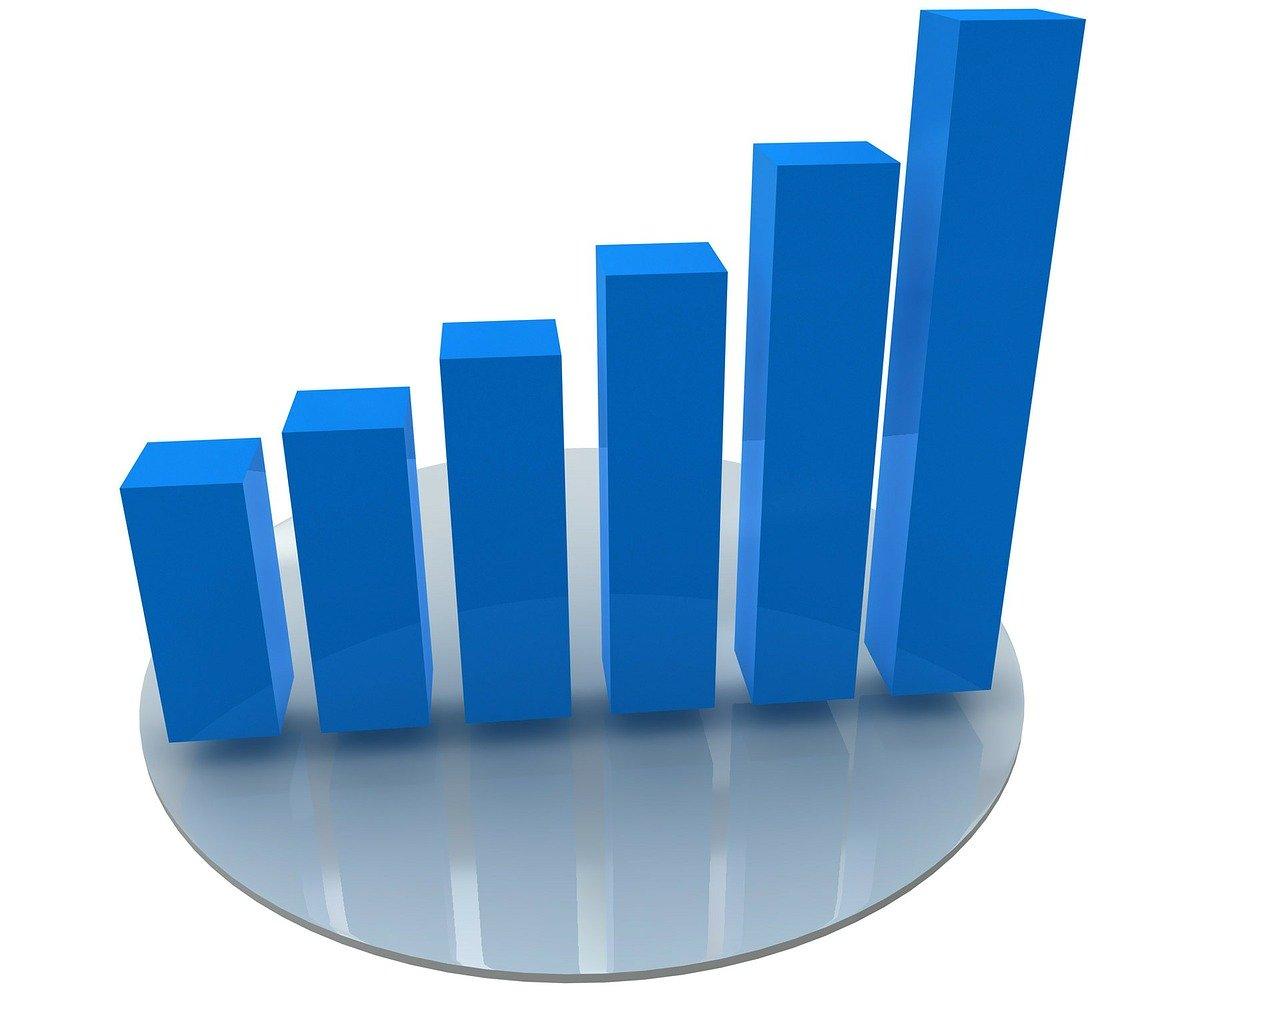 종목추천 시그널 [WEEKLY RASSI] - 홀딩파워3 +228.6% 수익 실현 - 4월 1째주 라씨 AI매매성과